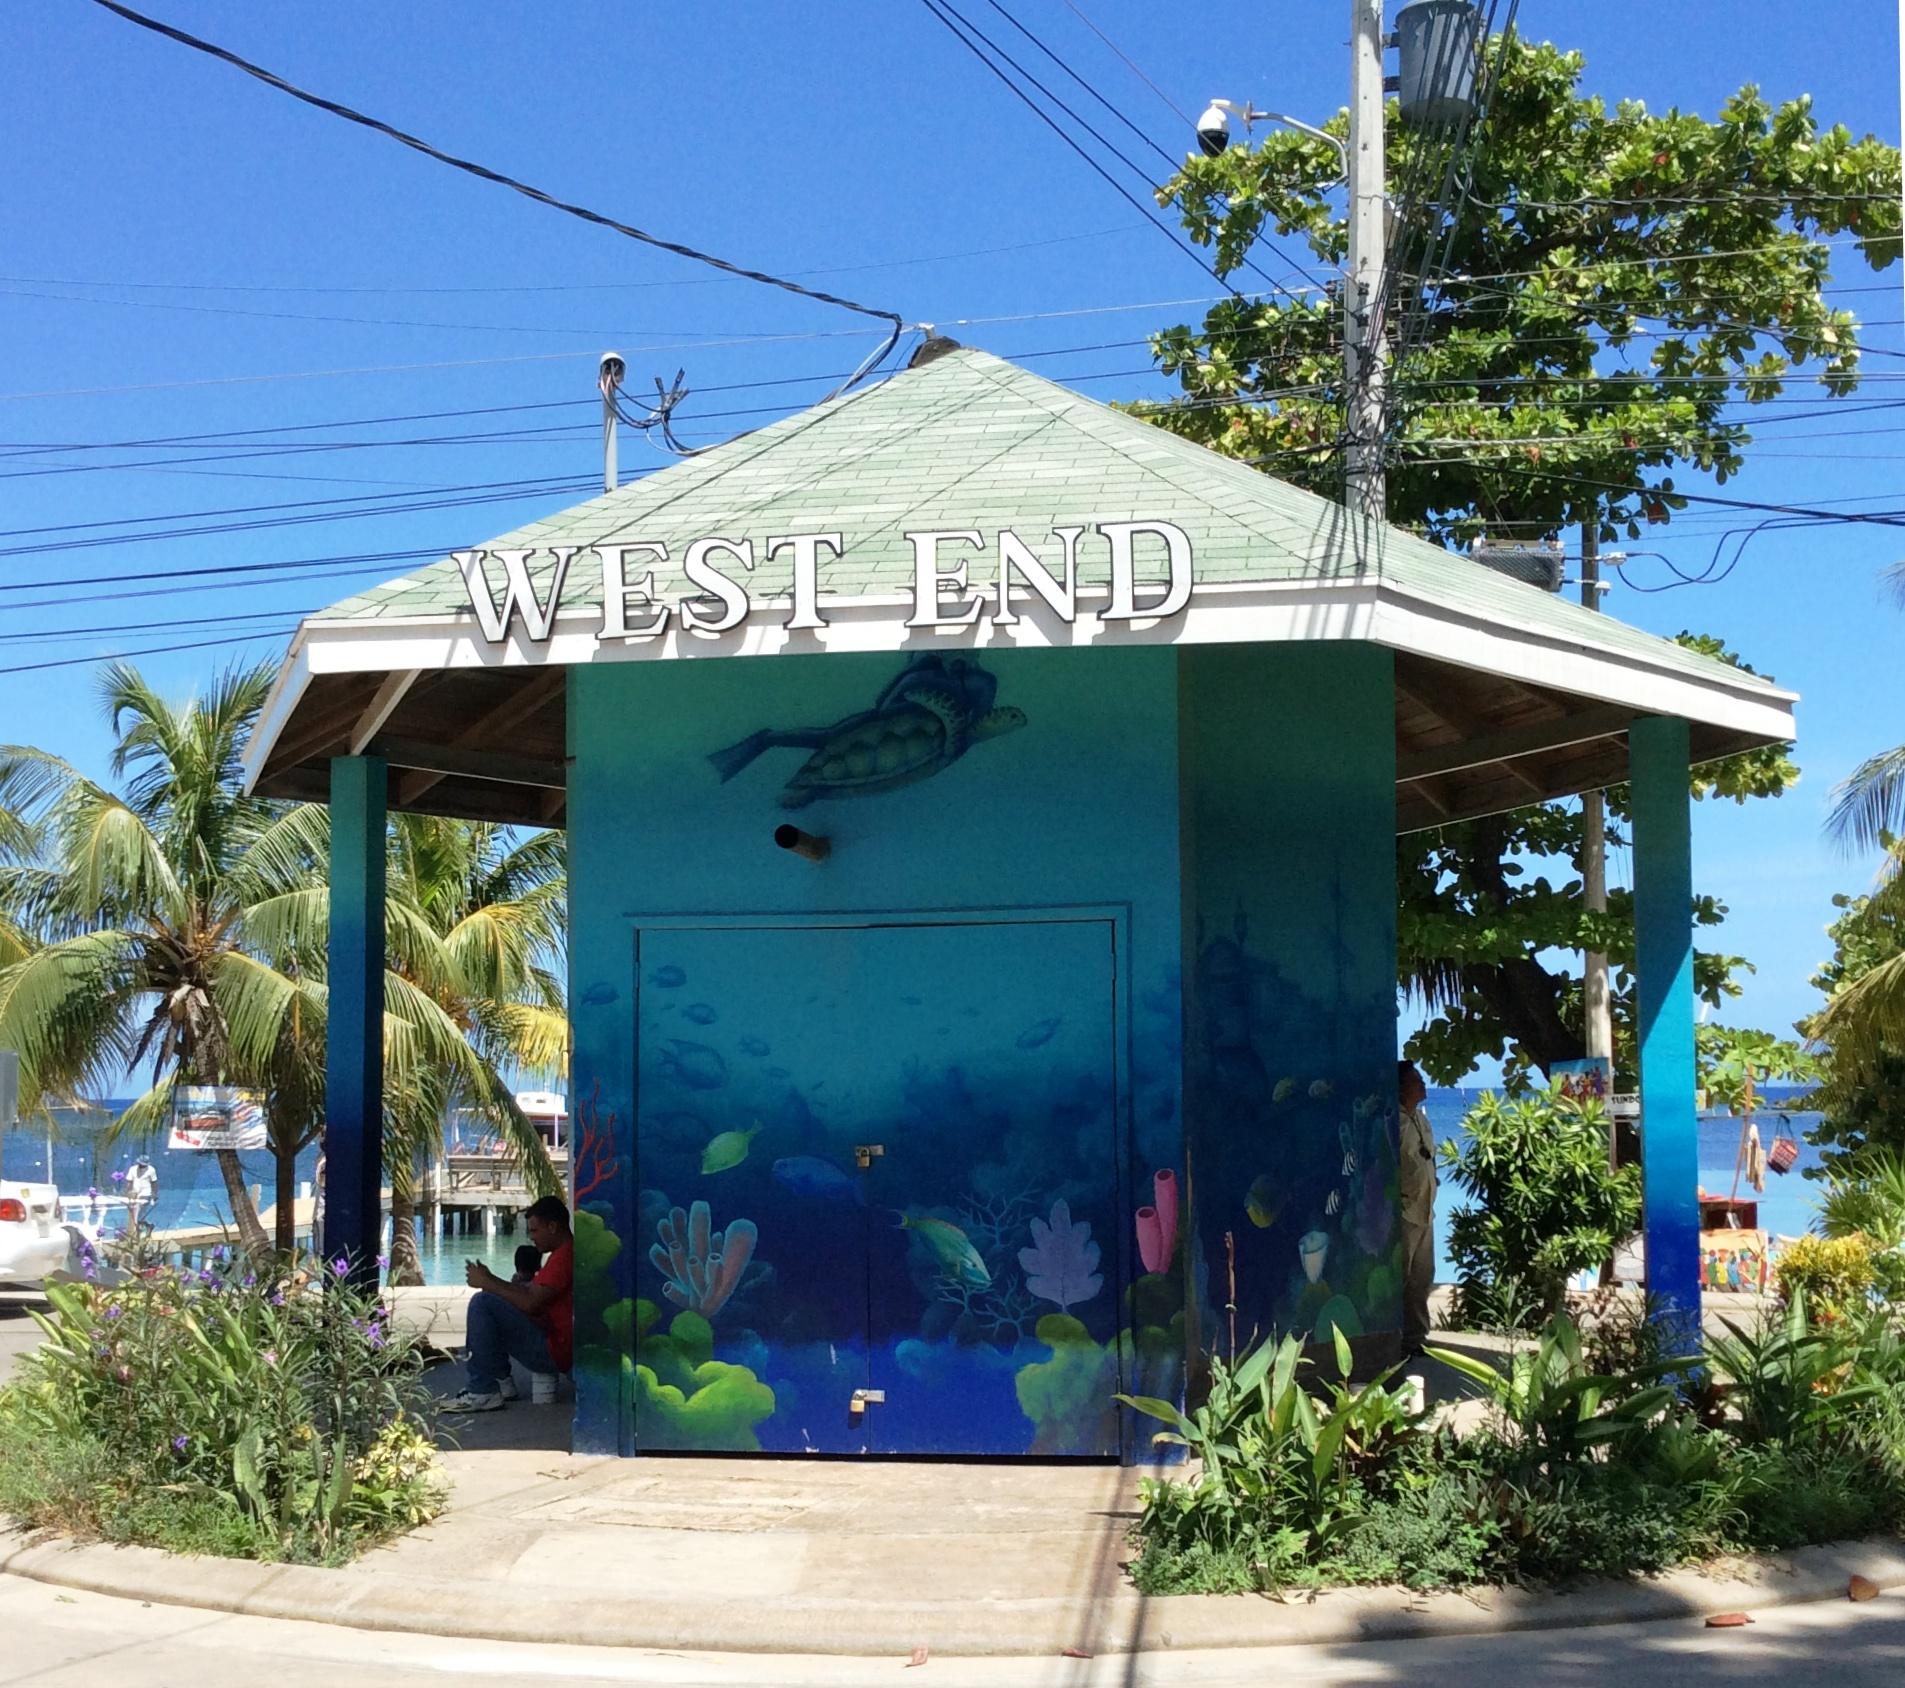 west-end-entrance